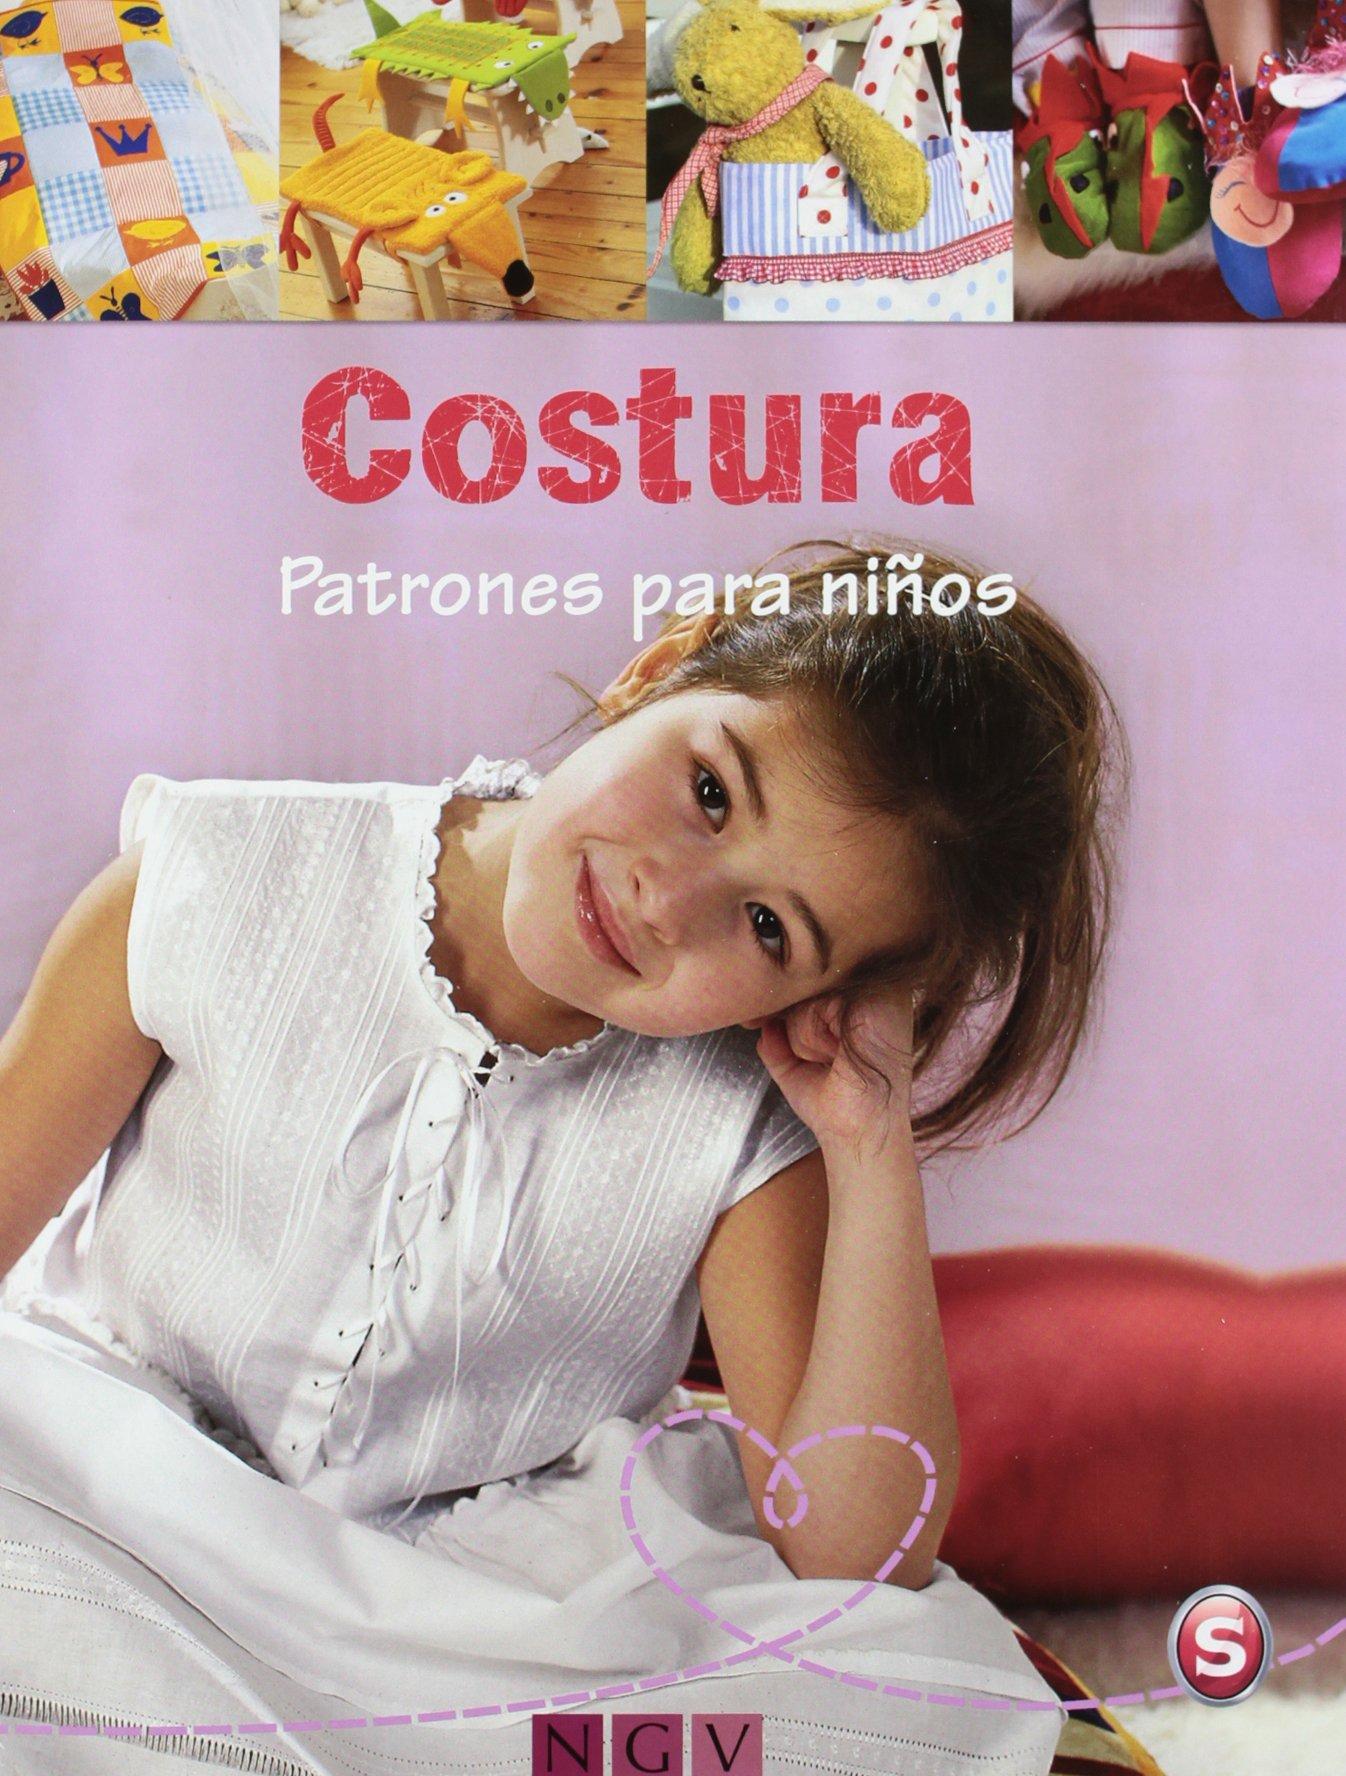 COSTURA:PATRONES PARA NI OS (Castilian) Hardcover – 2013